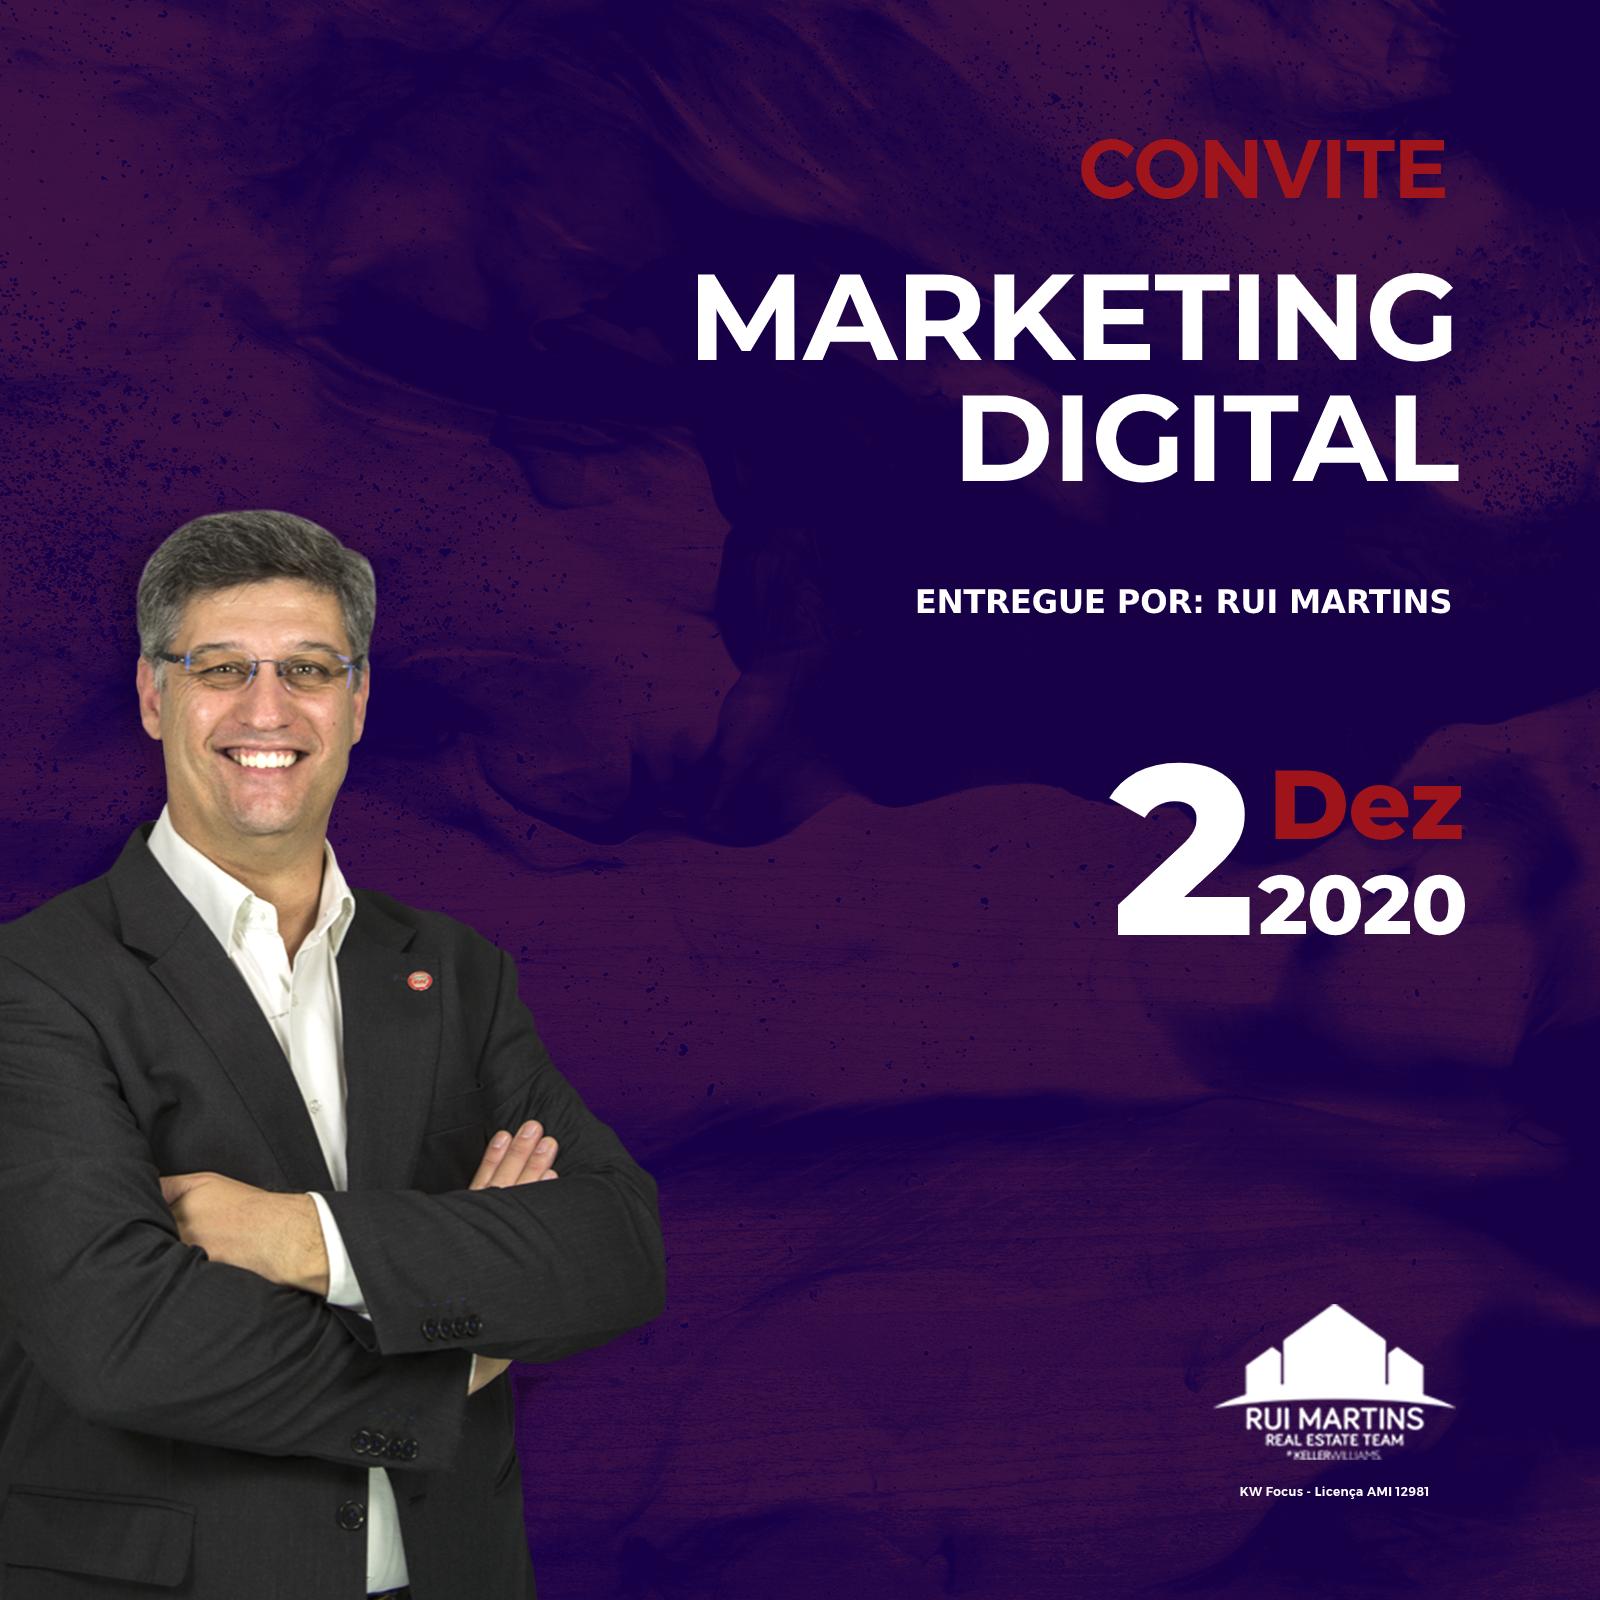 evento marketing digital